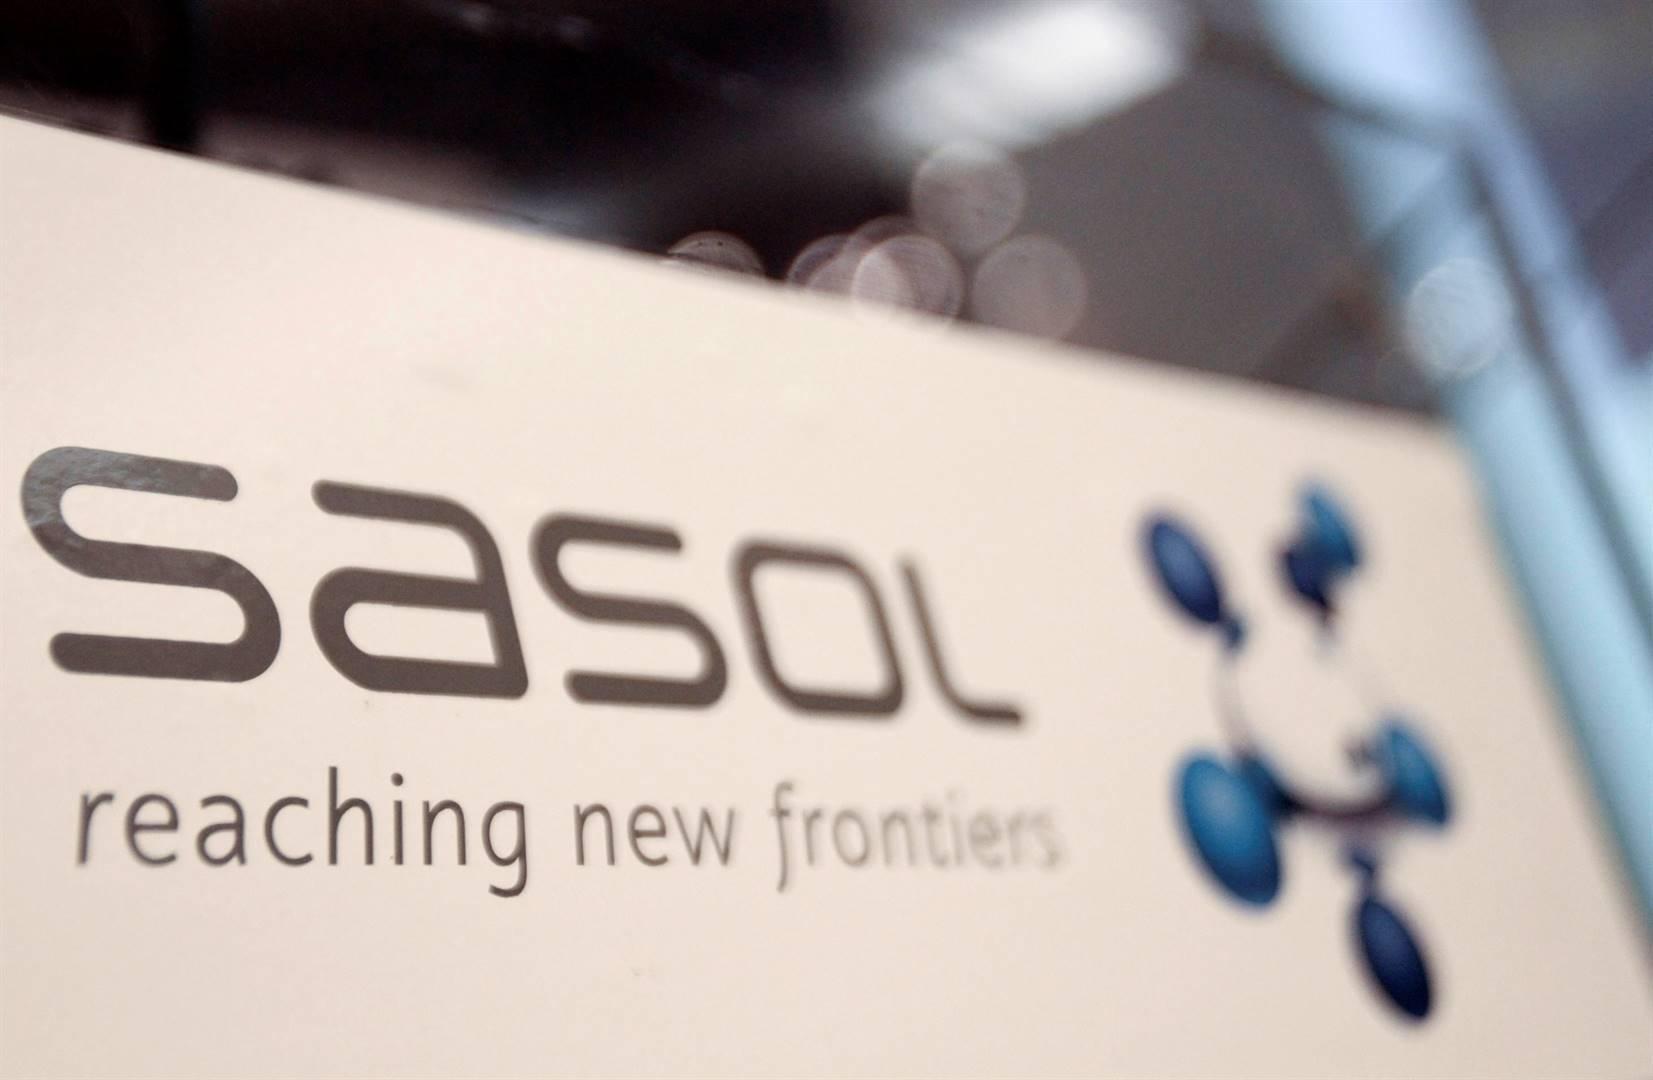 Sasol het nog 'n transaksie in die VSA beklink om sy skuld onder beheer te kry. Foto: Argief